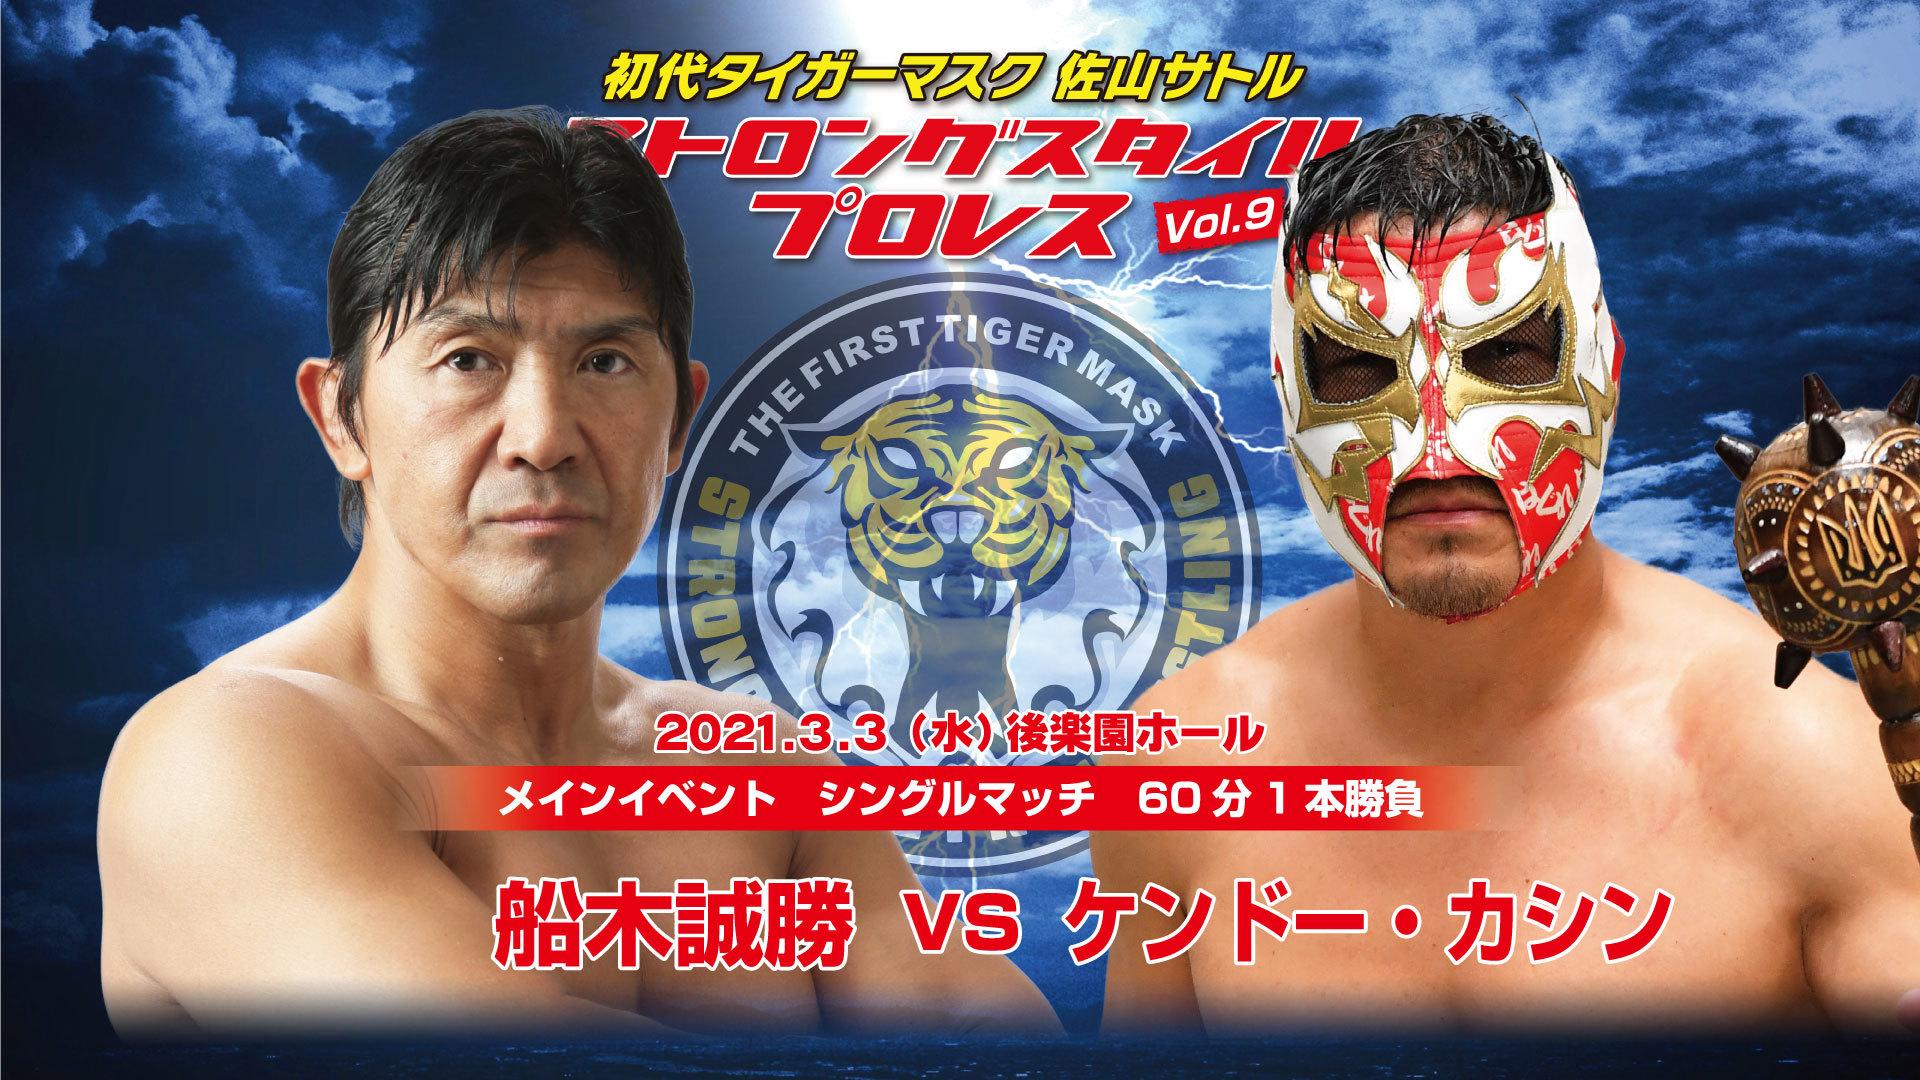 同世代の船木誠勝とケンドー・カシンが初対決する